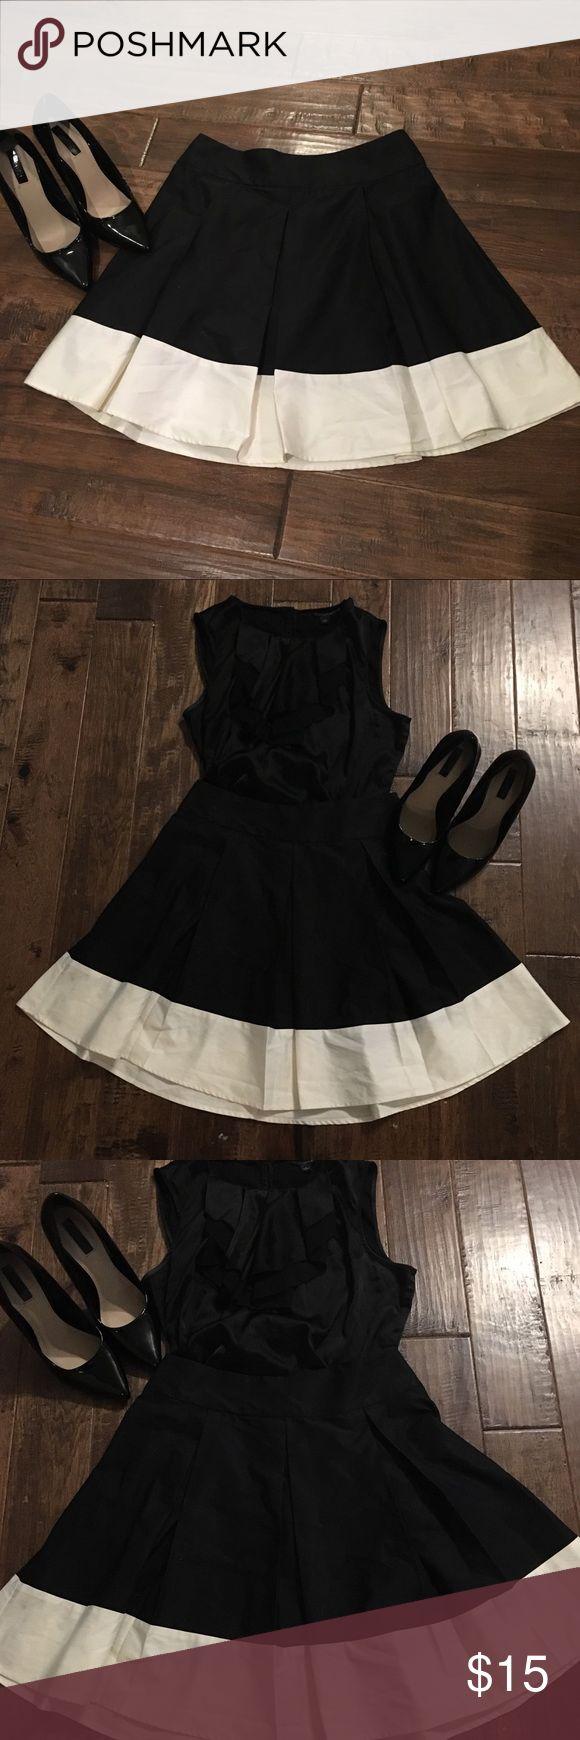 H&M Black & cream skirt - Sz 6 - never worn! H&M Size 6 black and cream skirt!  Never worn! H&M Skirts Circle & Skater